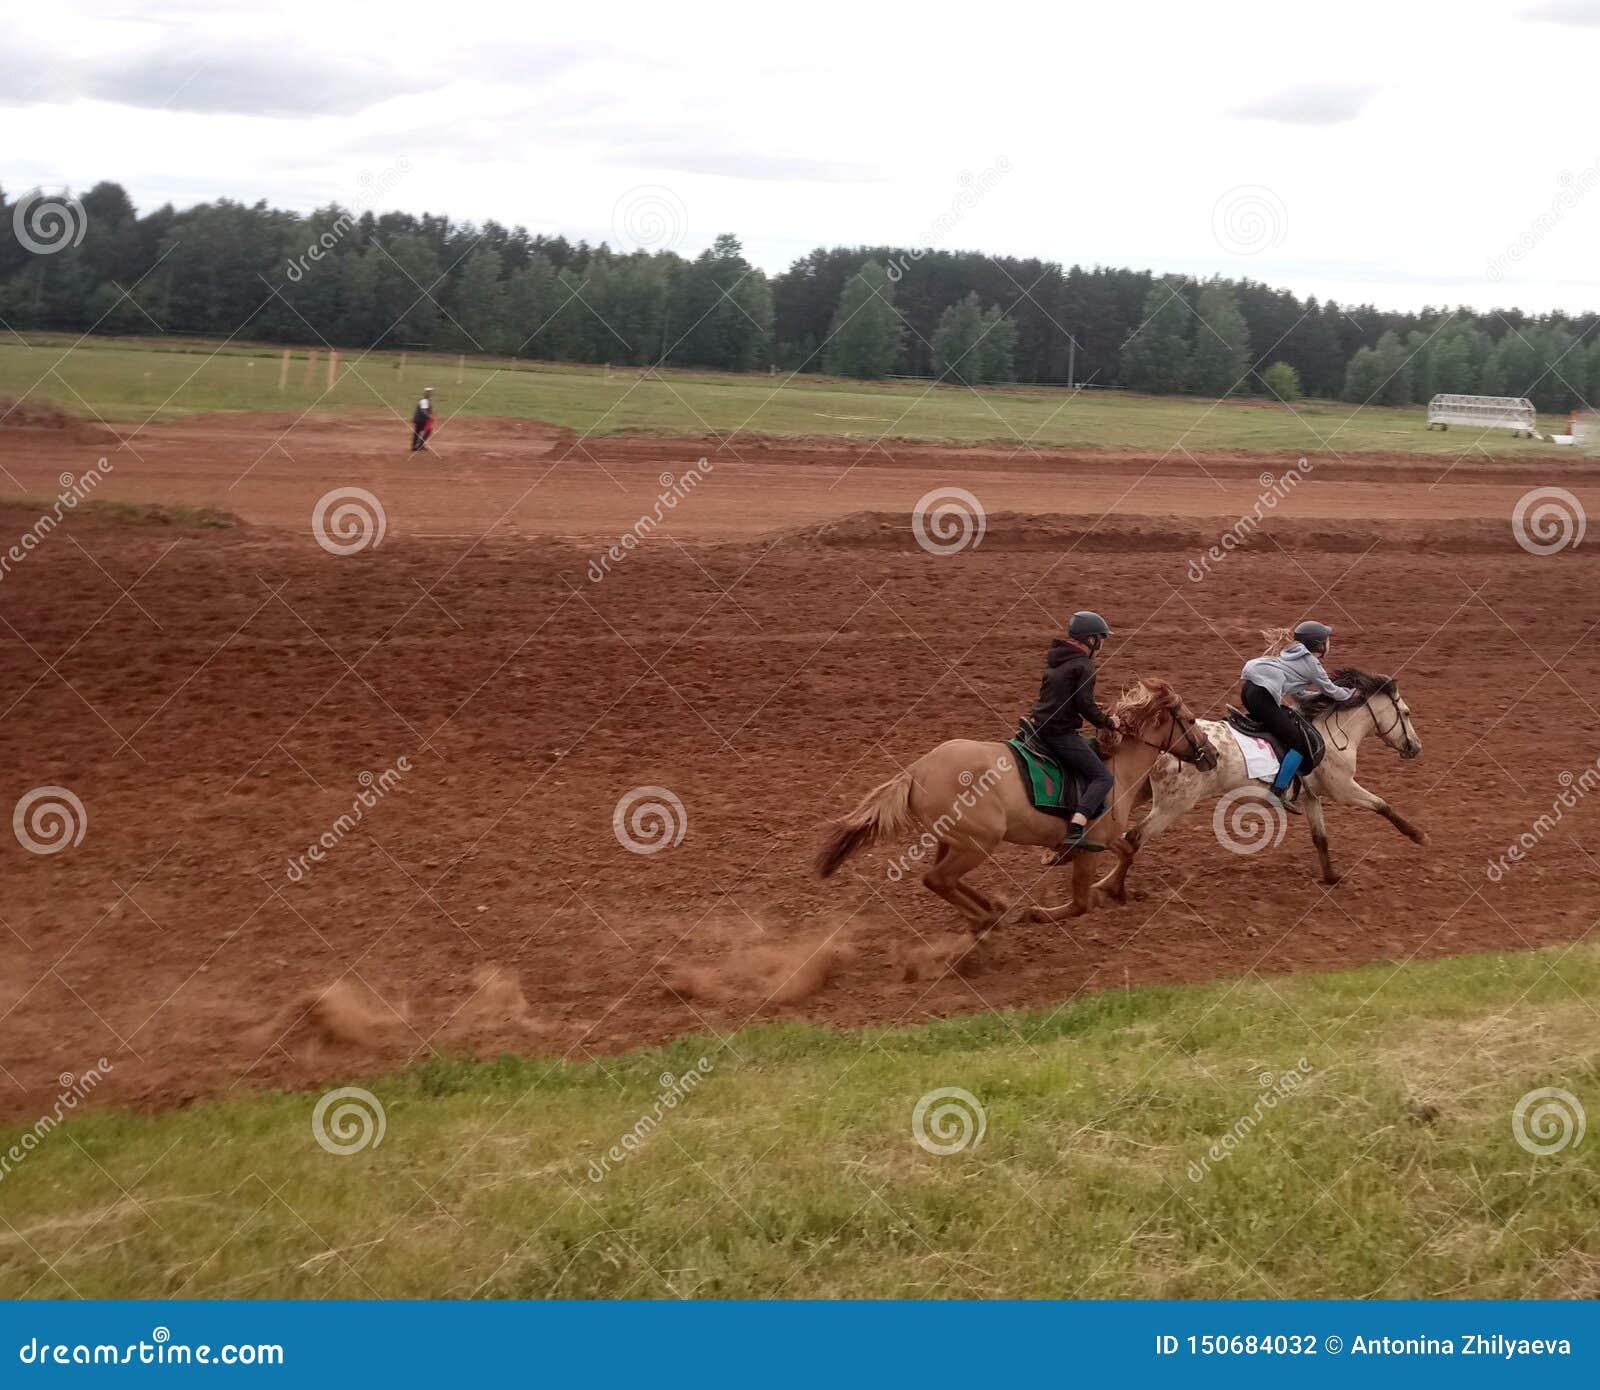 在马背上赛跑两个车手